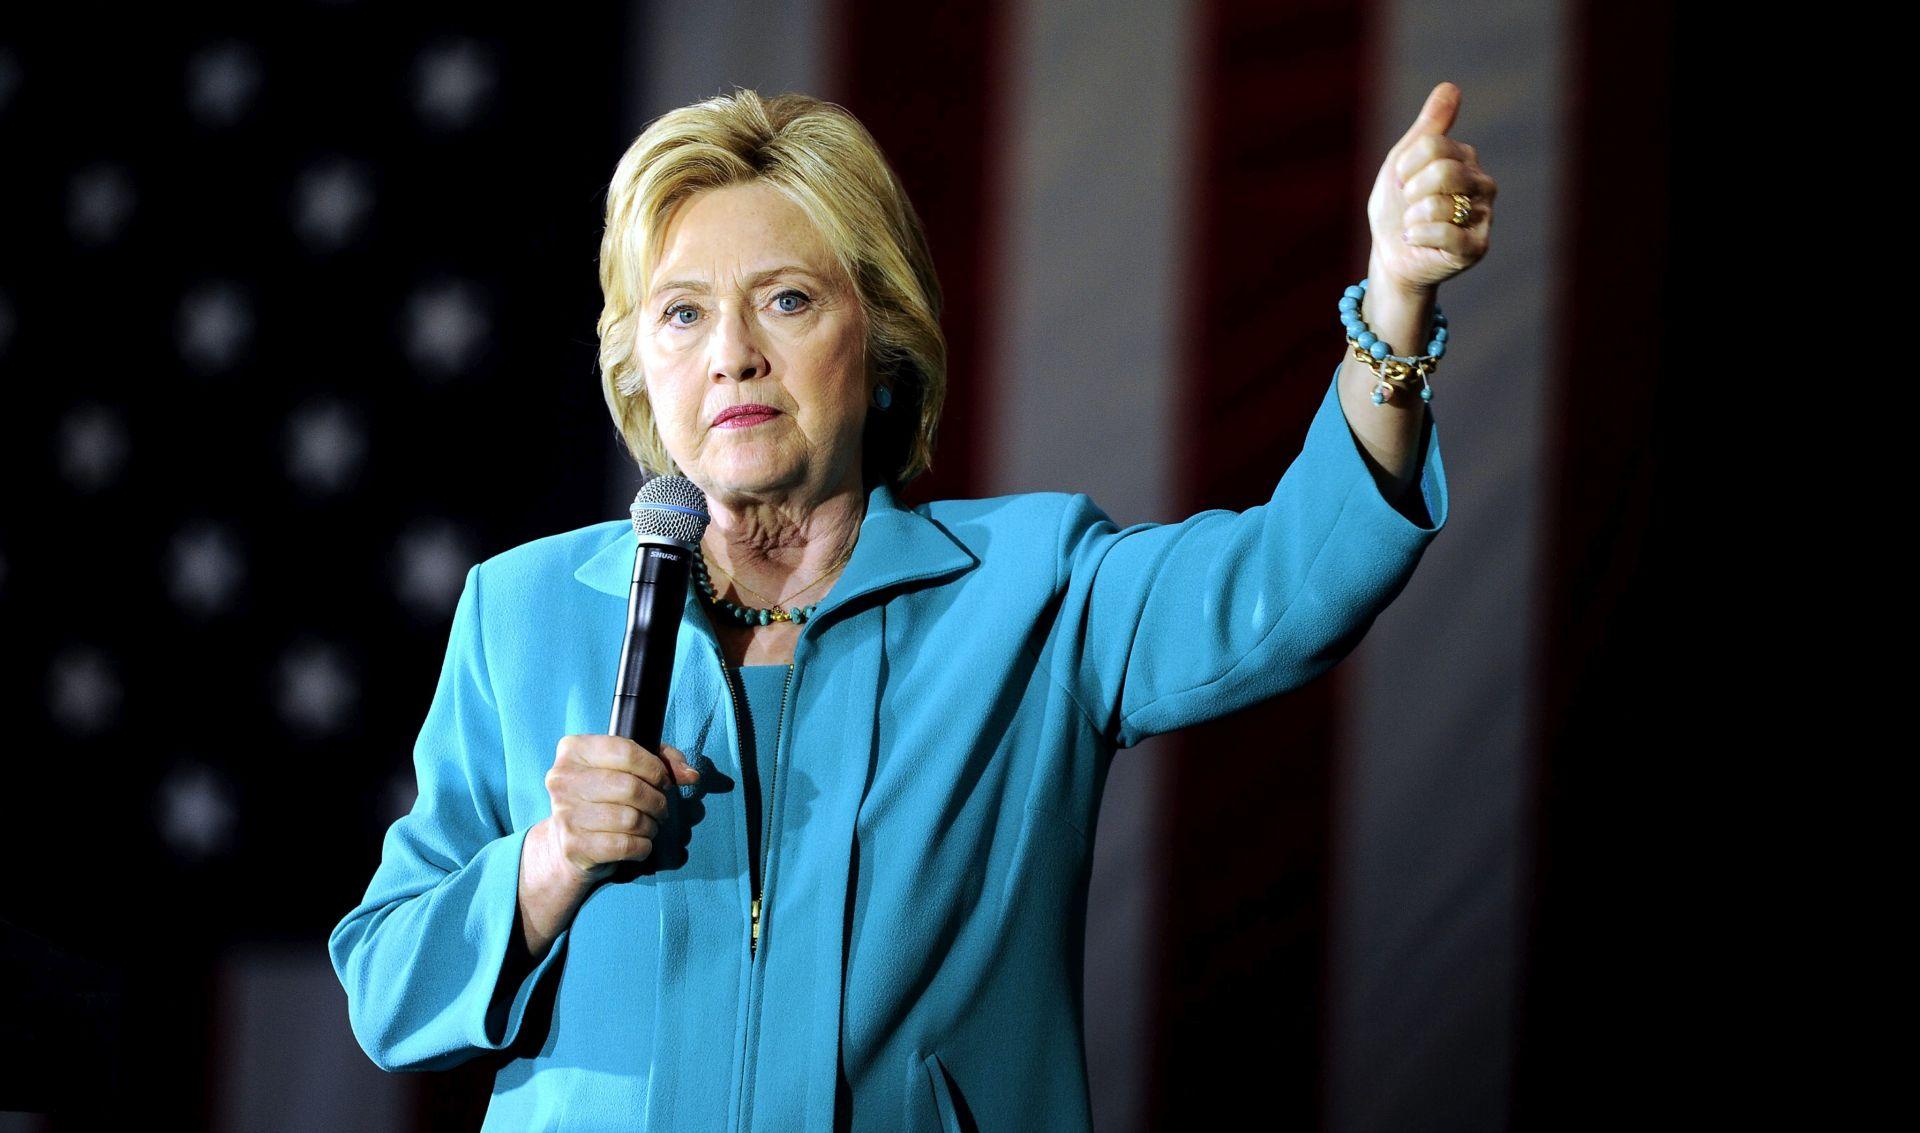 PREDSJEDNIČKI IZBORI Clinton nakratko prekinula kampanju kako bi proslavila naslov Cubsa